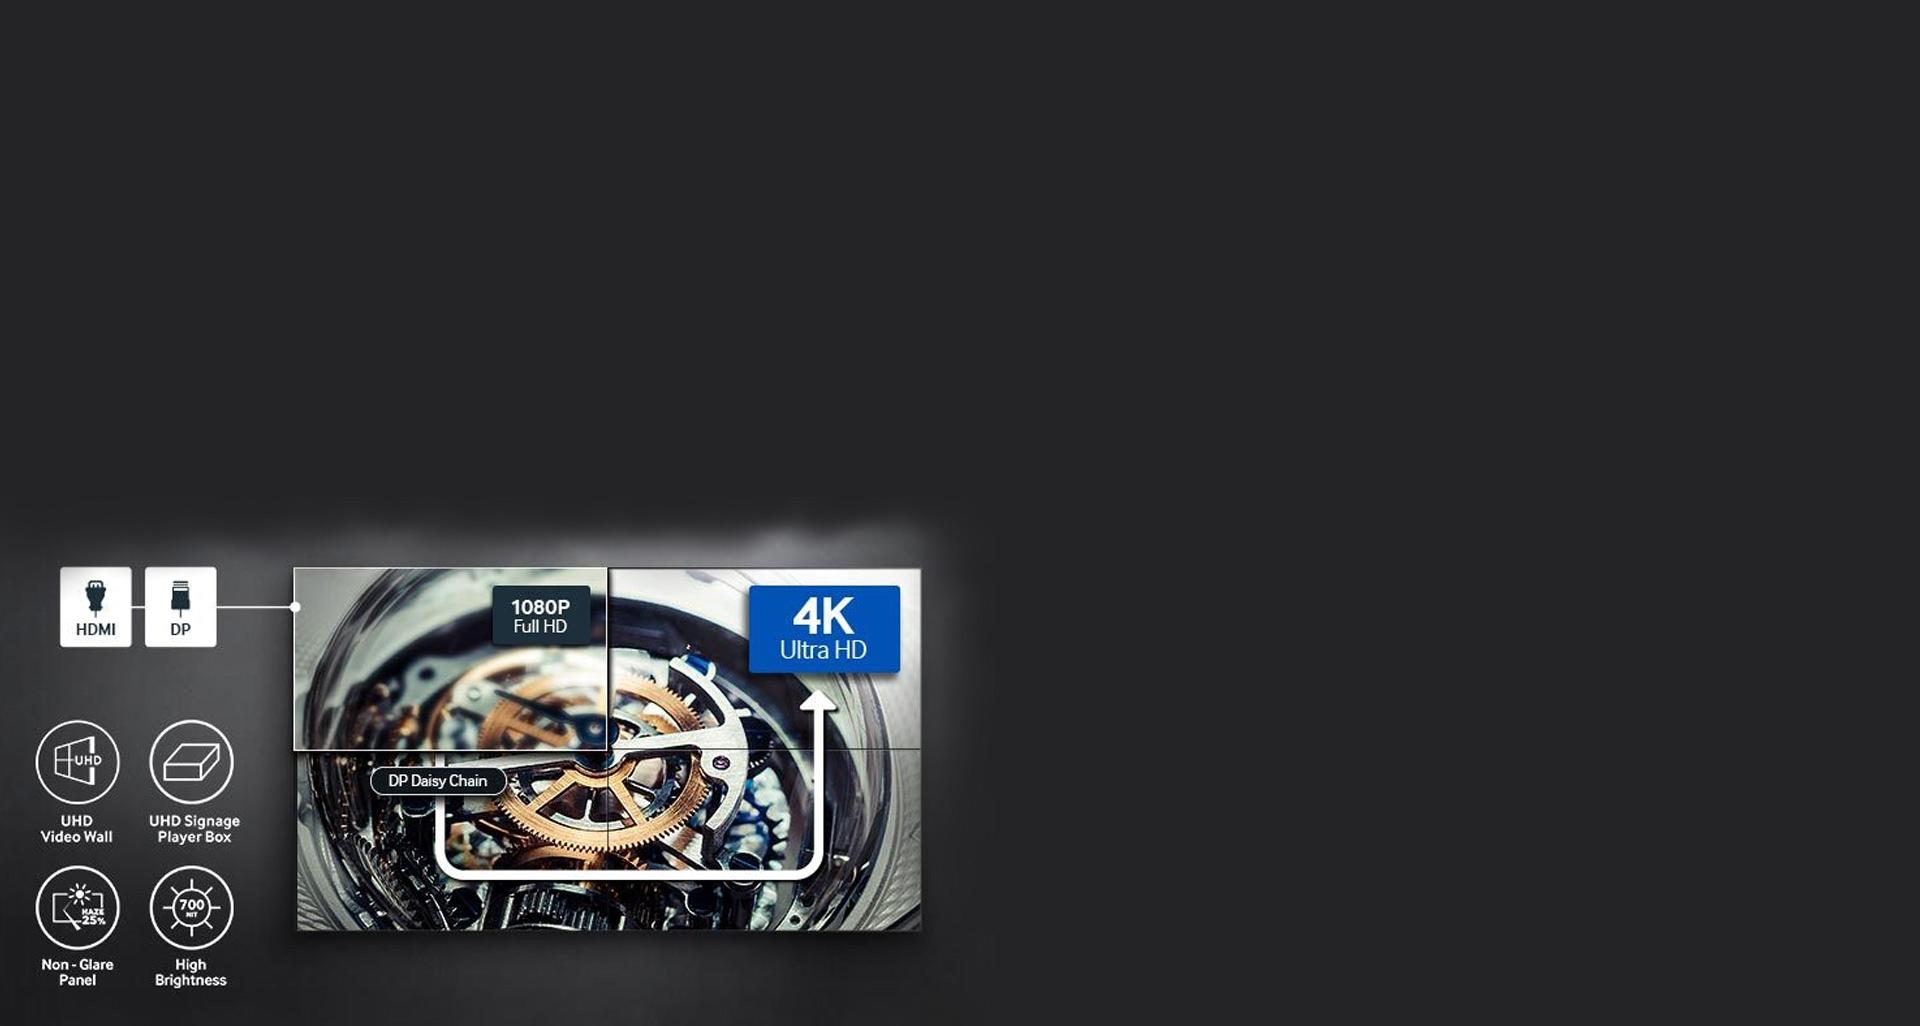 سهولت در استفاده از ویدئو وال های UHD سامسونگ